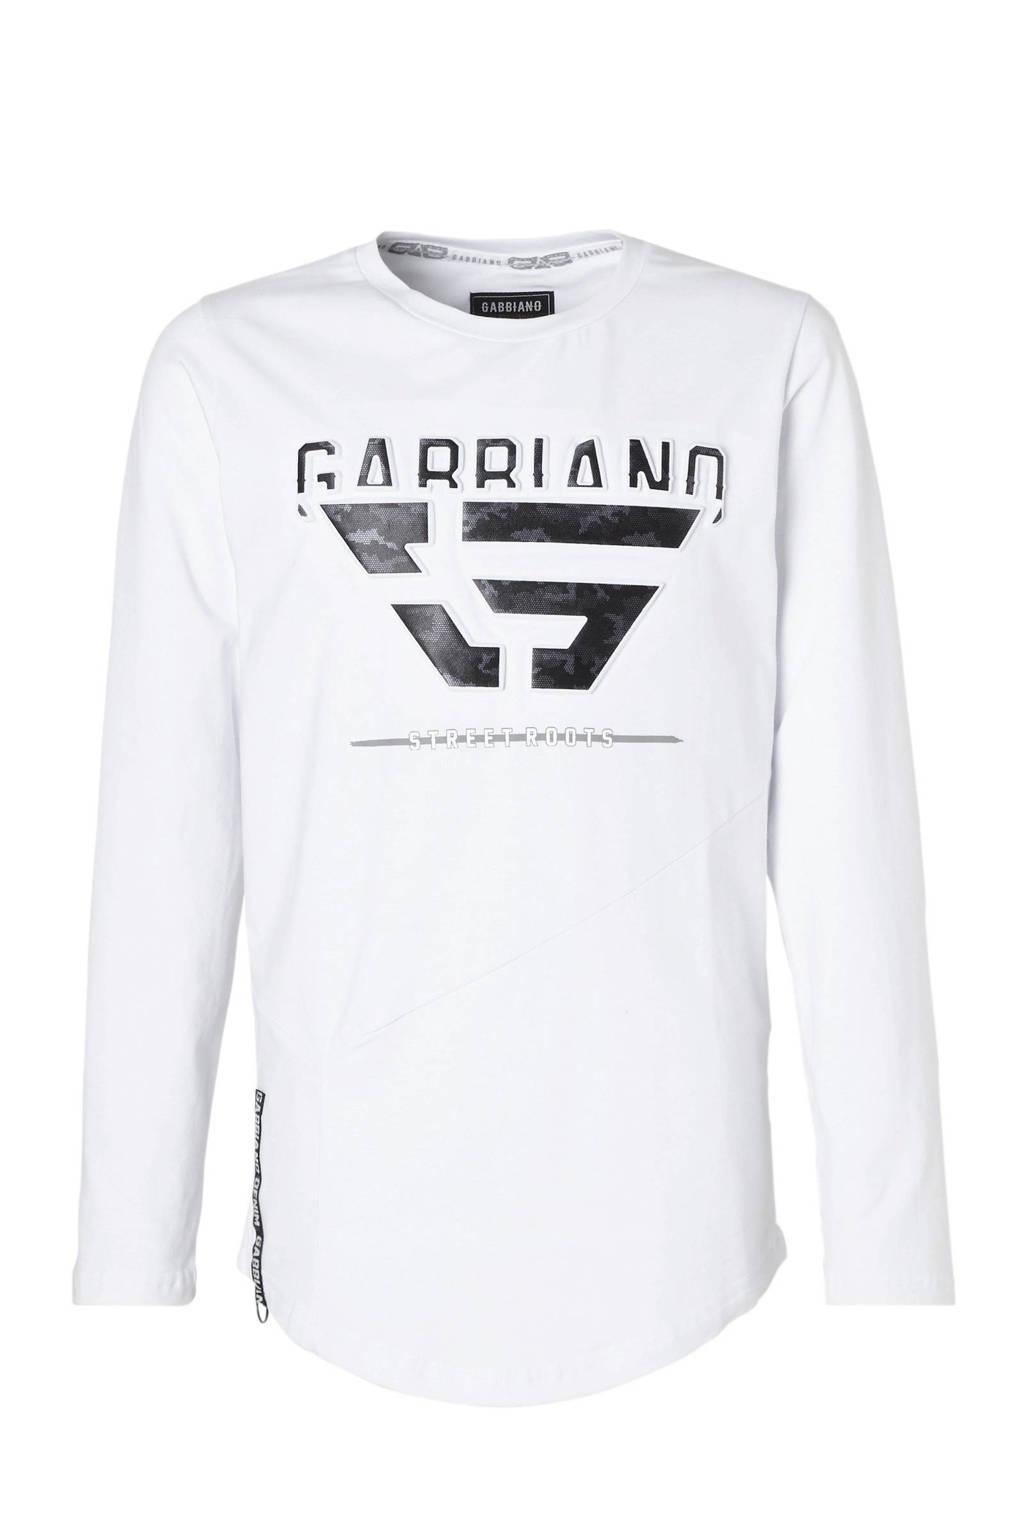 GABBIANO longsleeve met logo wit, Wit/zwart